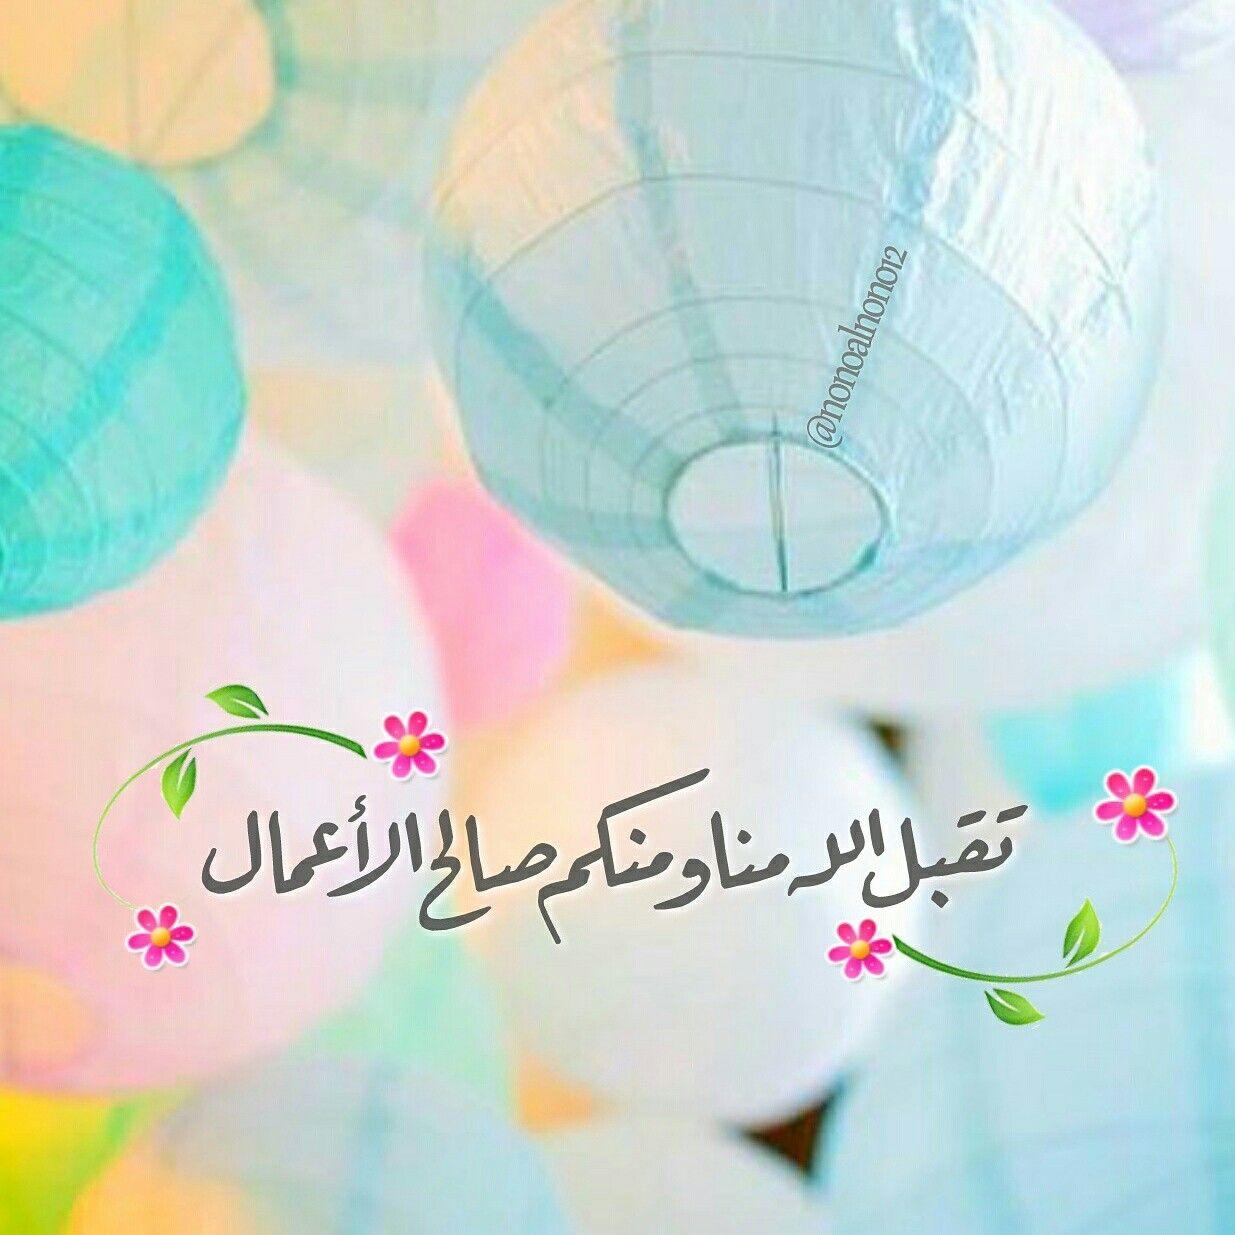 تقبل الله منا ومنكم صالح الأعمال Eid Mubarak Greetings Happy Eid Islamic Events